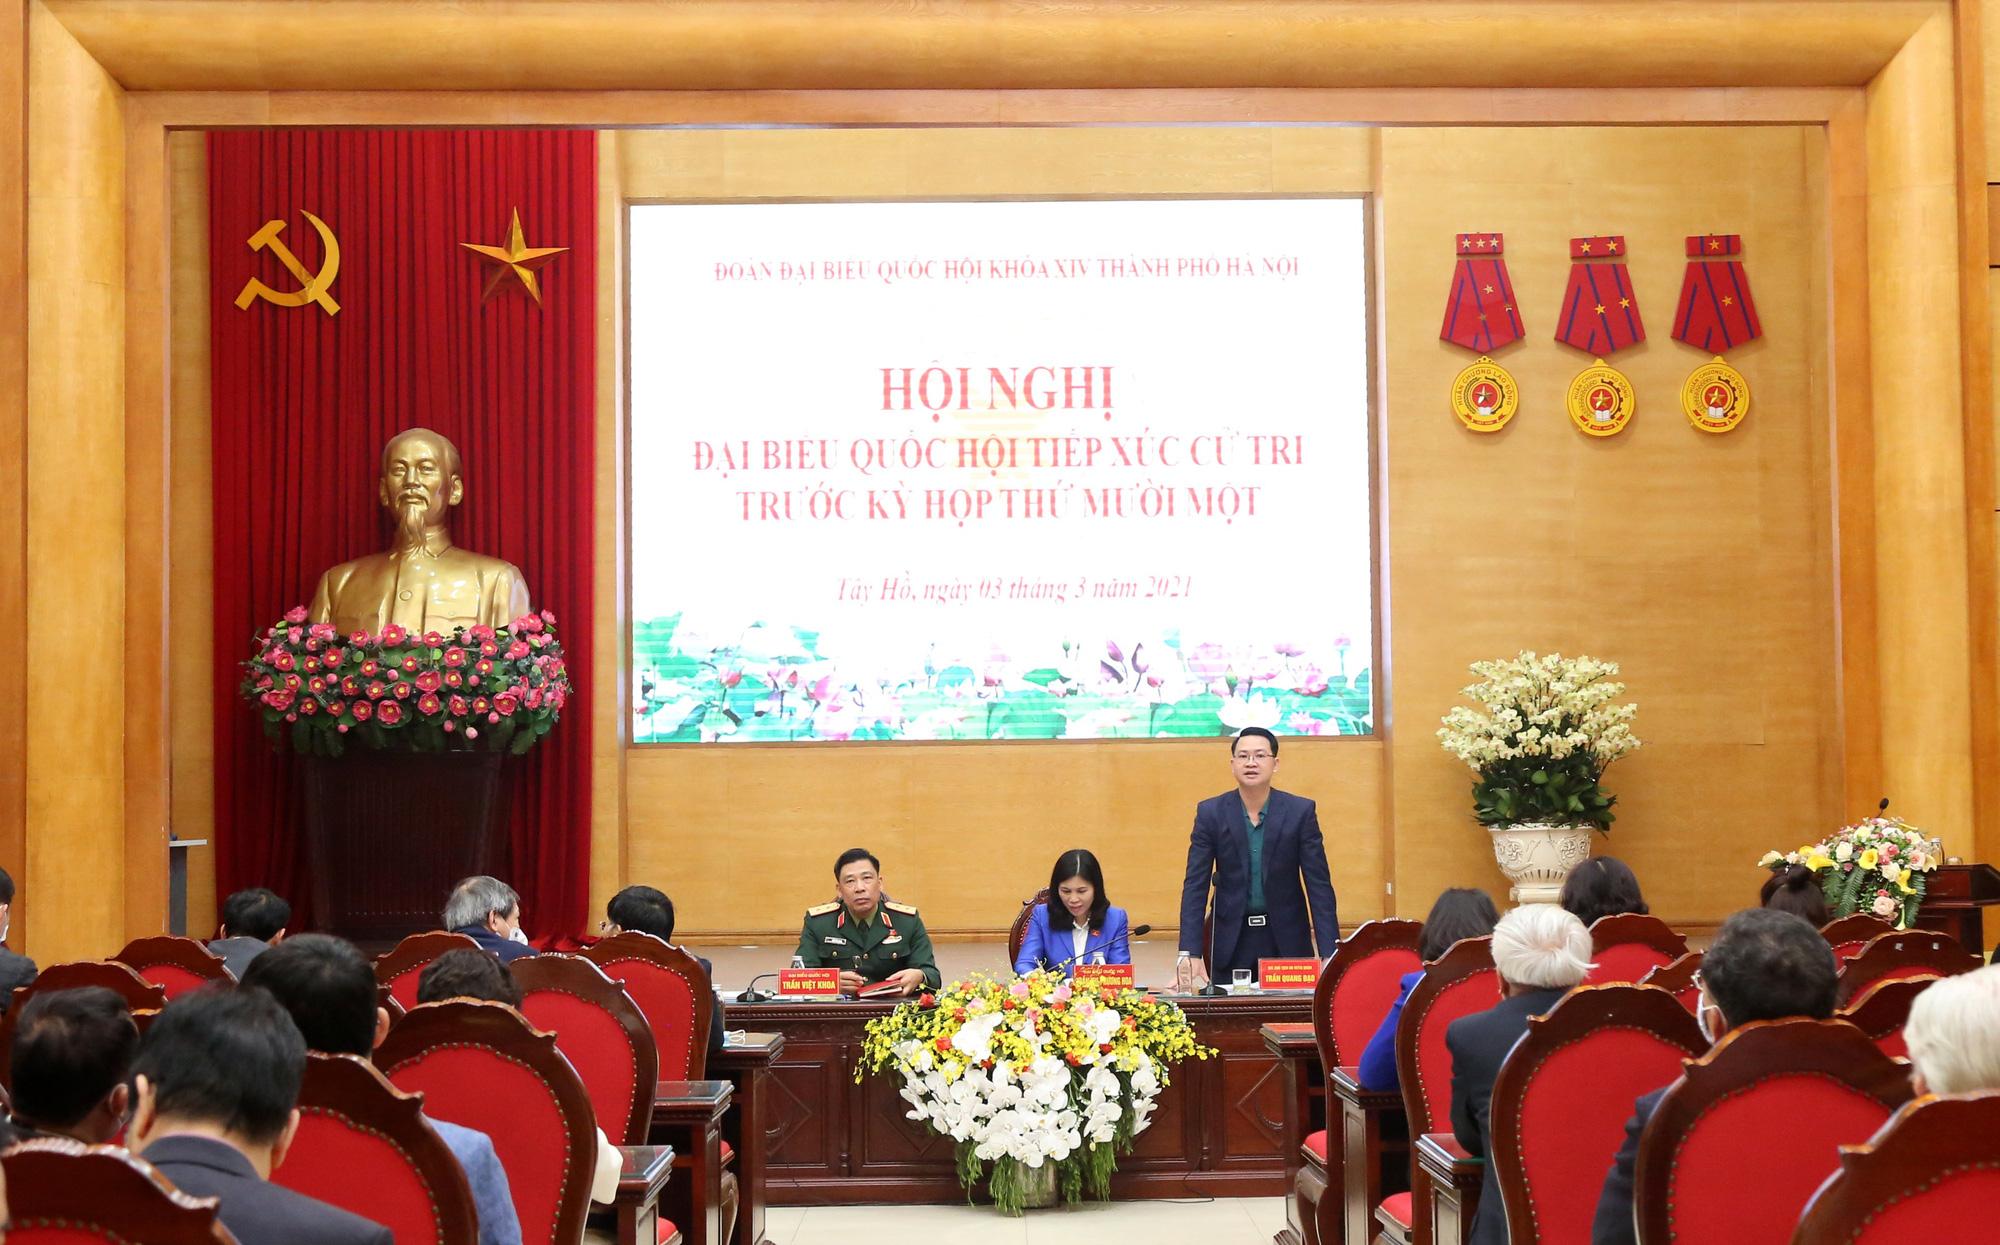 Cử tri mong Tổng Bí thư, Chủ tịch nước Nguyễn Phú Trọng có nhiều sức khỏe để cống hiến - Ảnh 1.